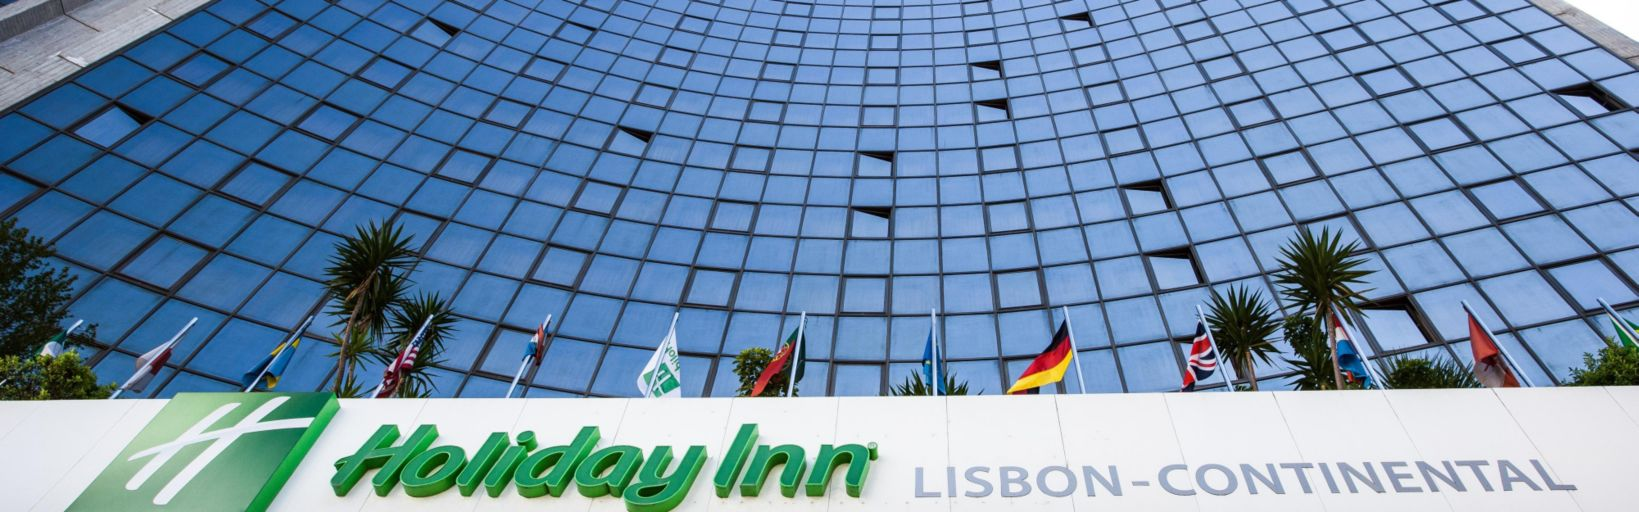 Holiday Inn Lisbon - Continental Hotel by IHG 6c5f47c80b